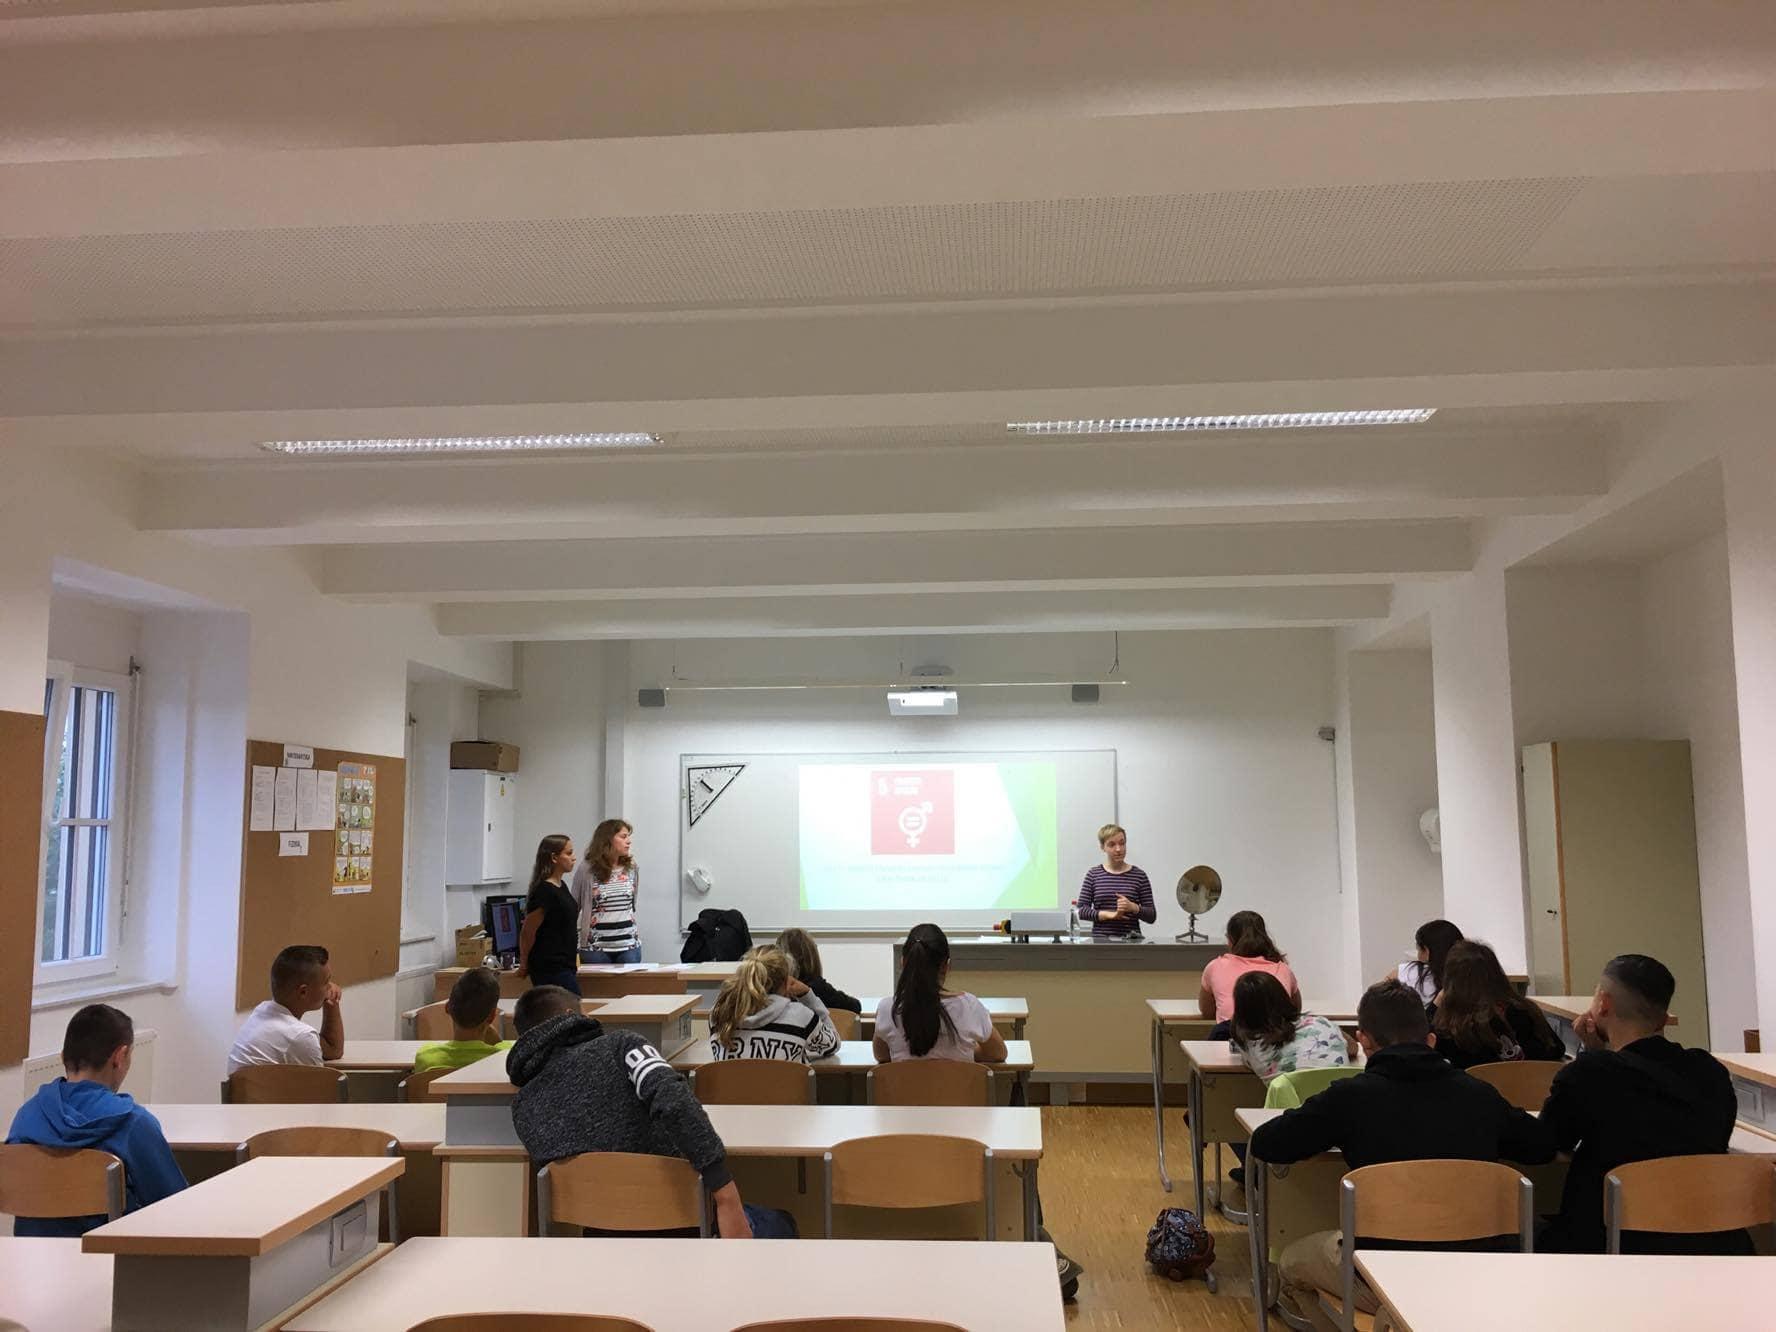 Interdisciplinarna skupina študentov pripravila učne vsebine o ciljih trajnostnega razvoja in migracijah